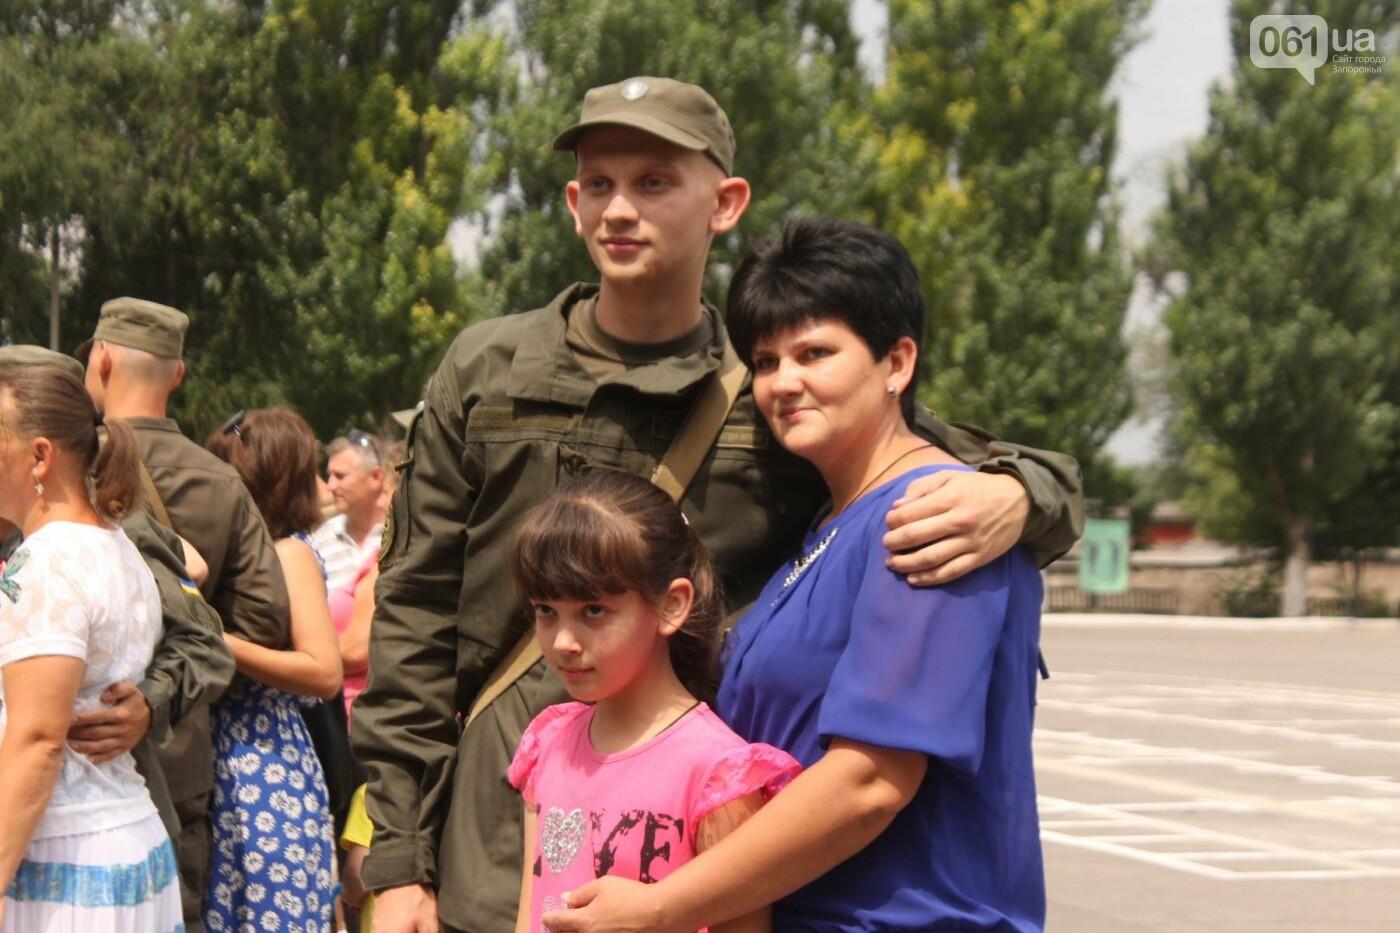 В Запорожье новобранцы Нацгвардии приняли присягу на верность Украине, – ФОТОРЕПОРТАЖ, фото-21